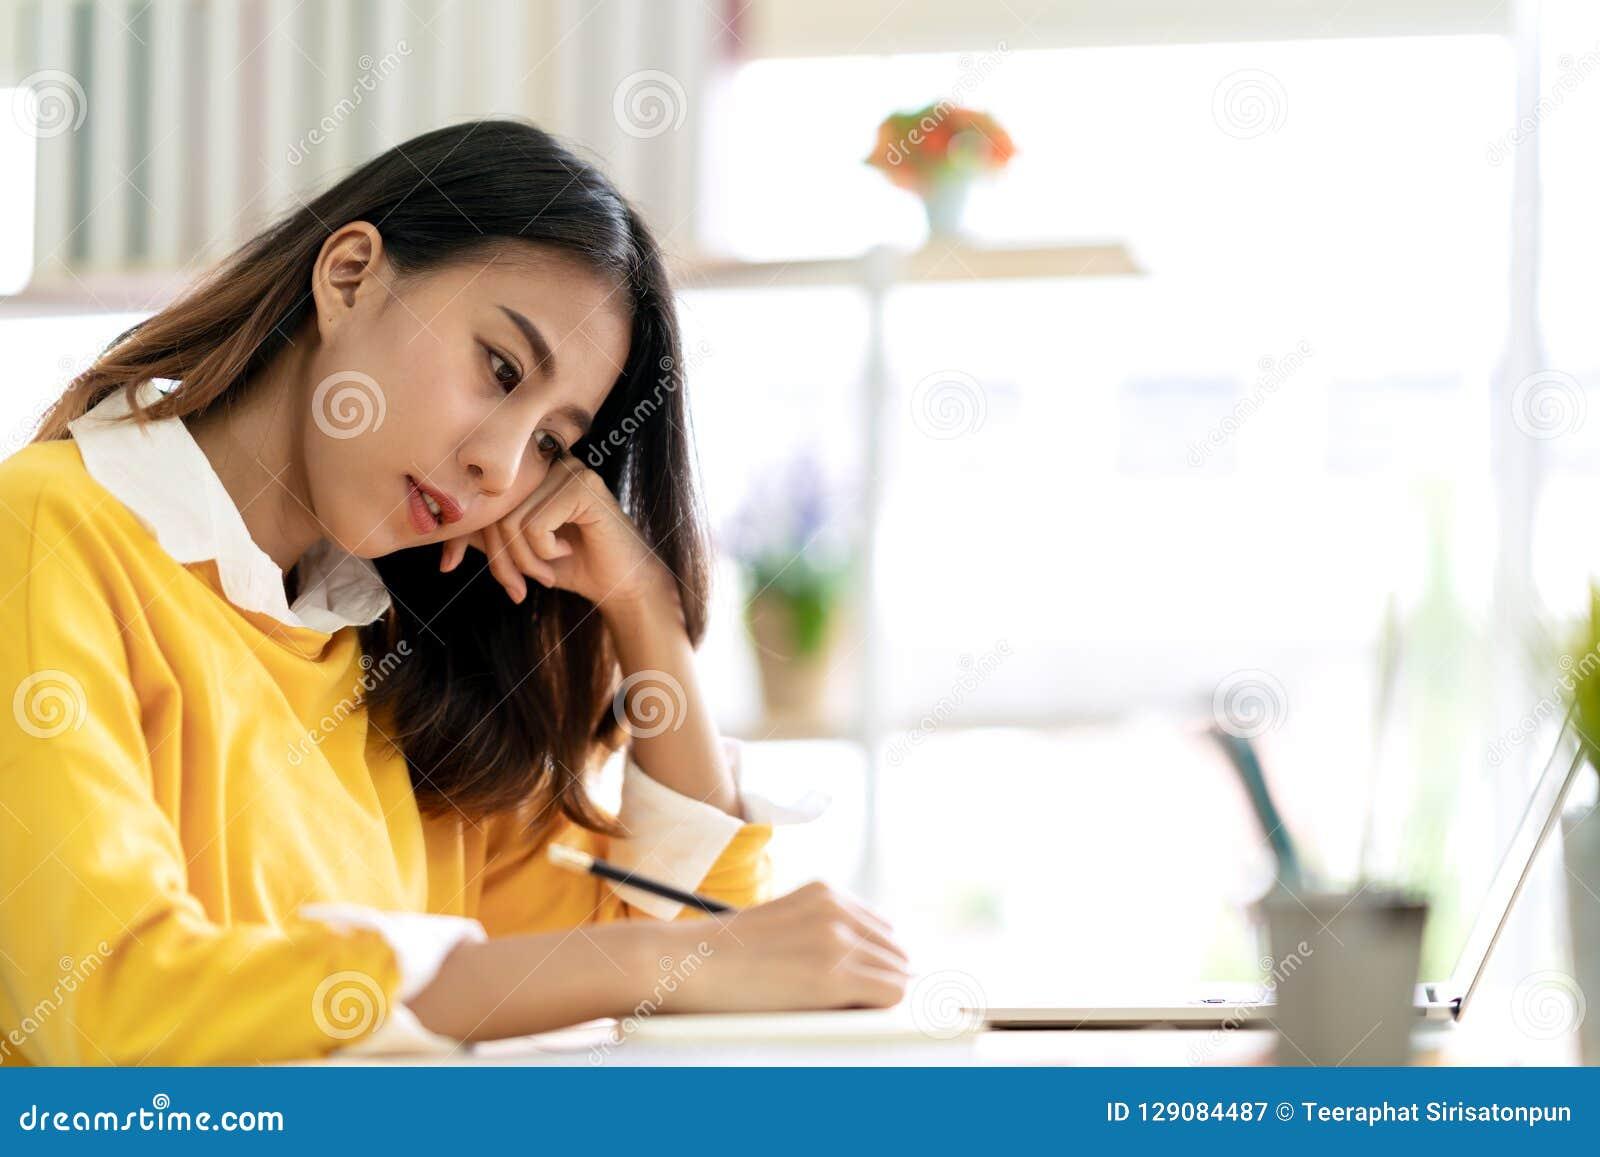 Ungt attraktivt asiatiskt sammanträde för den kvinnliga studenten på tabellen som tänker och skriver tidskriften vid skriften för